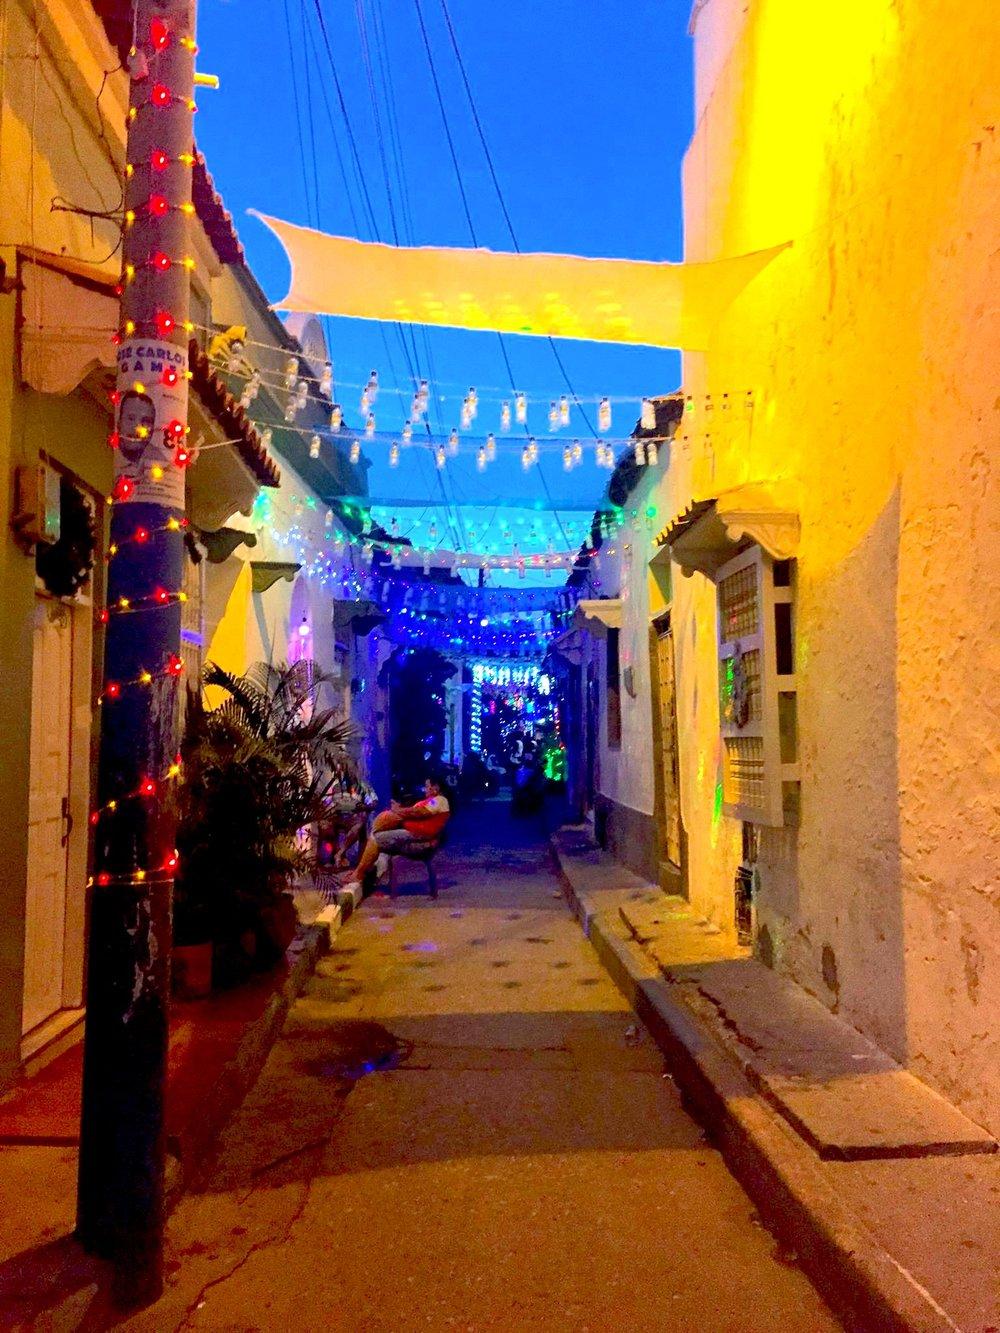 A festive   barrio   in Getsemani.